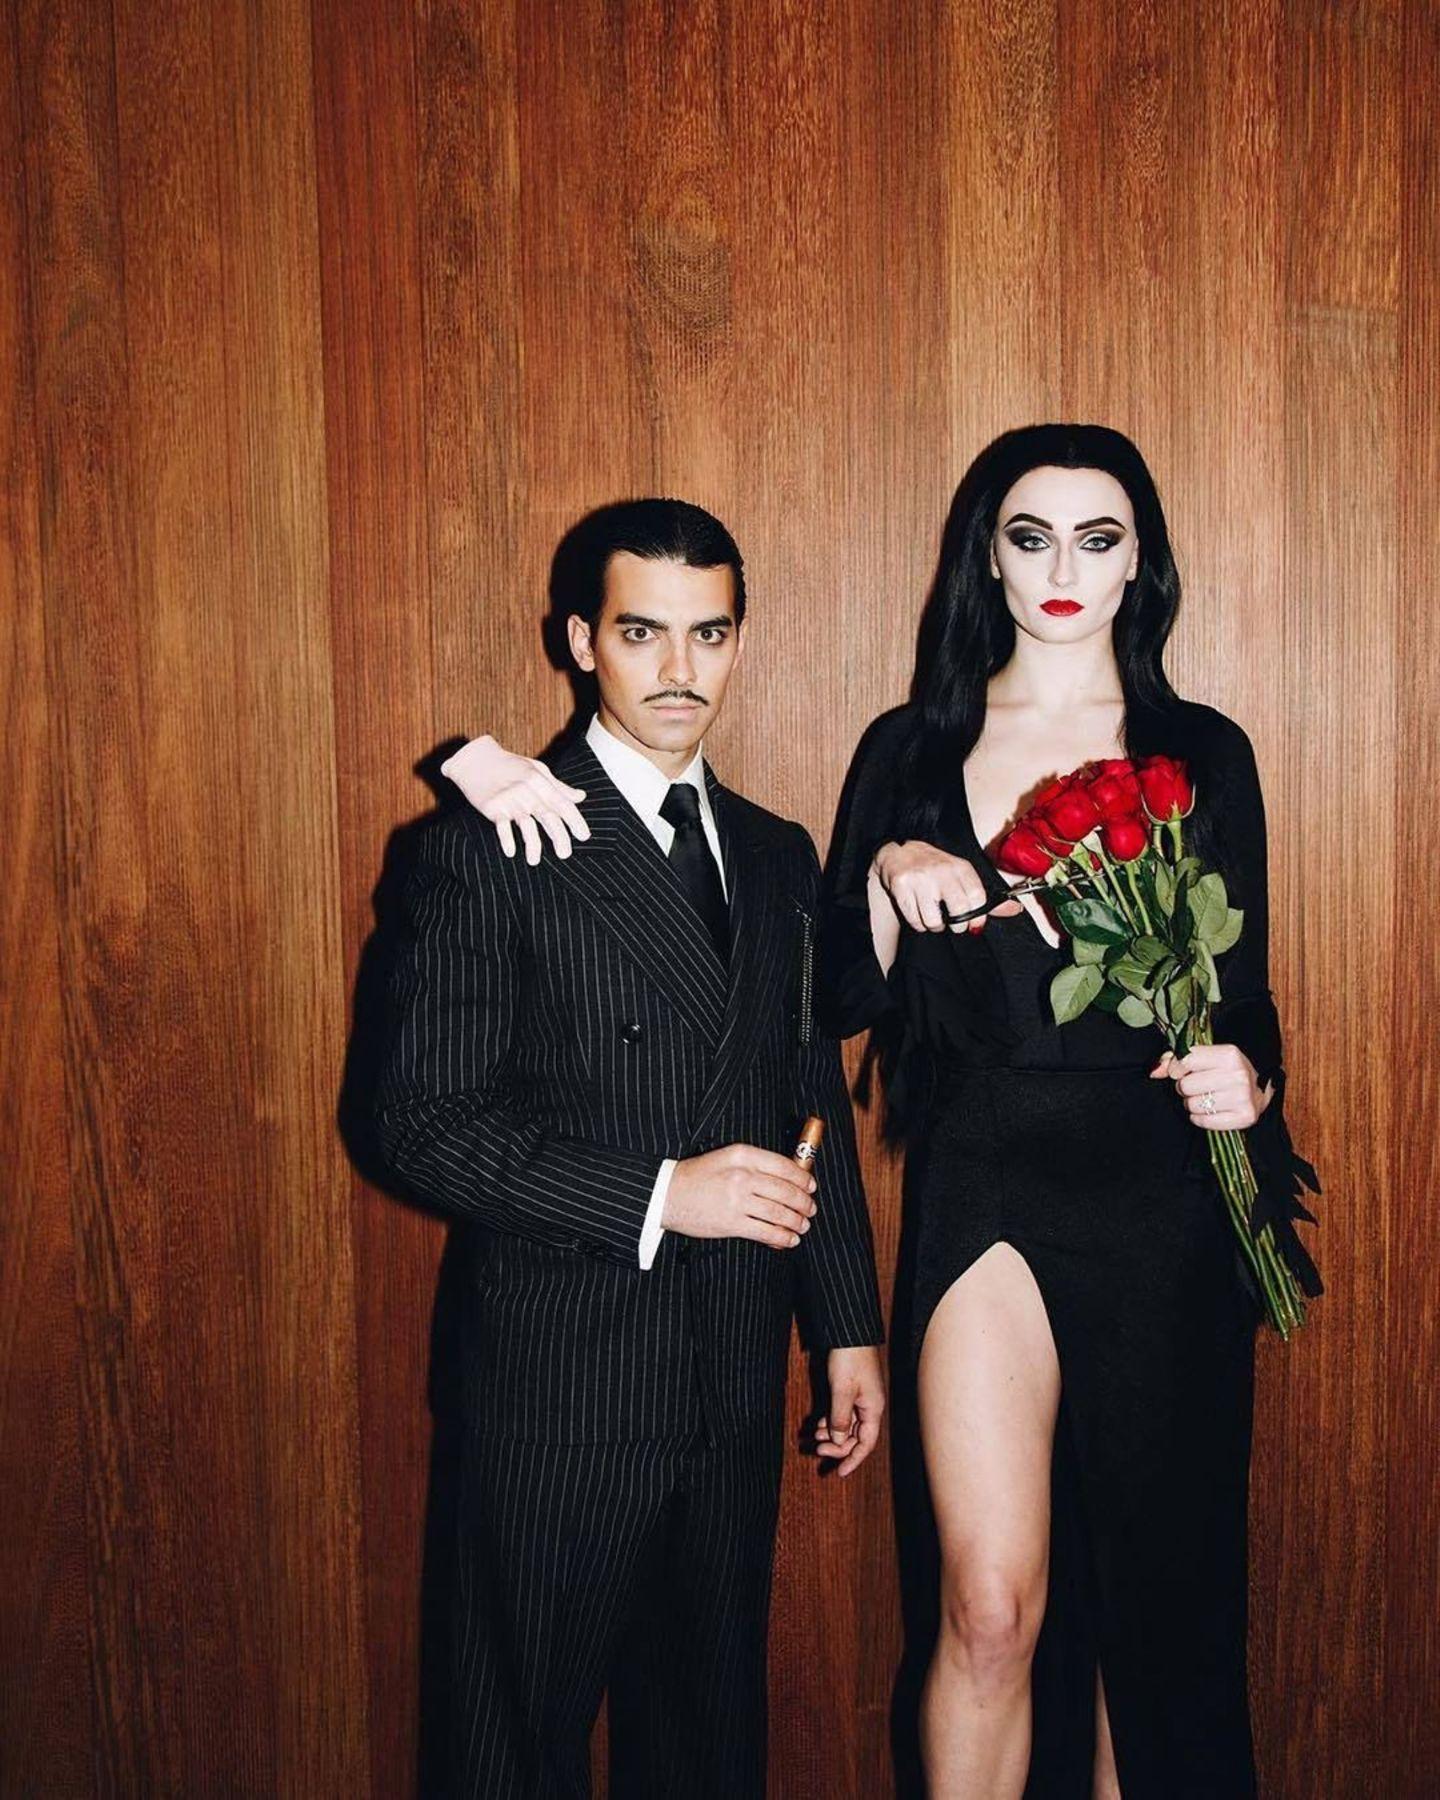 """Sänger Joe Jonas und Ehefrau Sophie Turner geben einschaurig-schönes Paar ab. Mit der Geburt ihrer Tochter bekommt auch die """"Addams Family"""" dieses Jahr Verstärkung. Wir sind gespannt auf die ersten Schnappschüssse."""